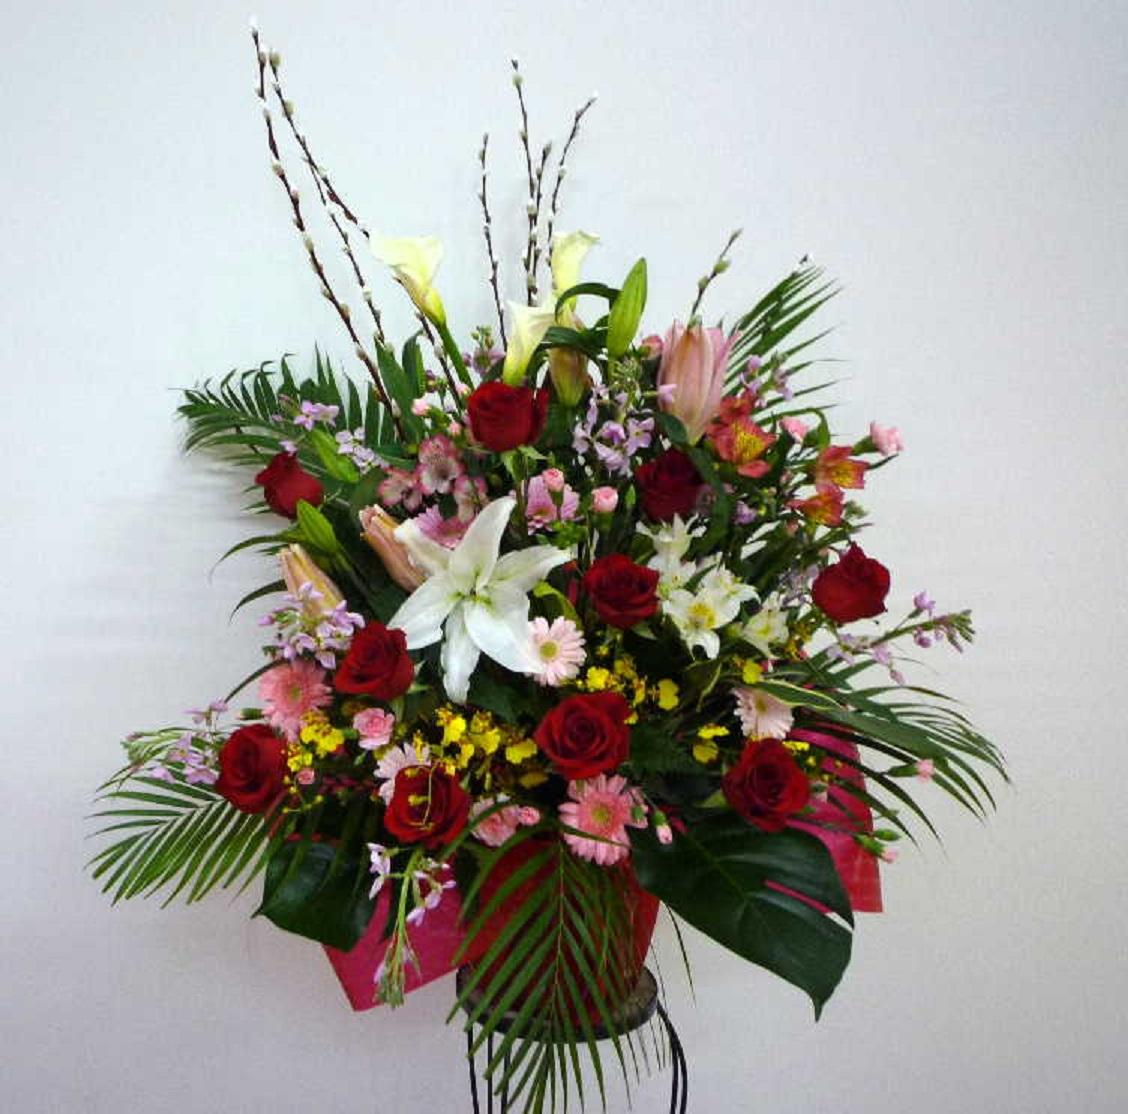 【セレブフラグランス】 バラとユリと蘭のアレンジメント画像